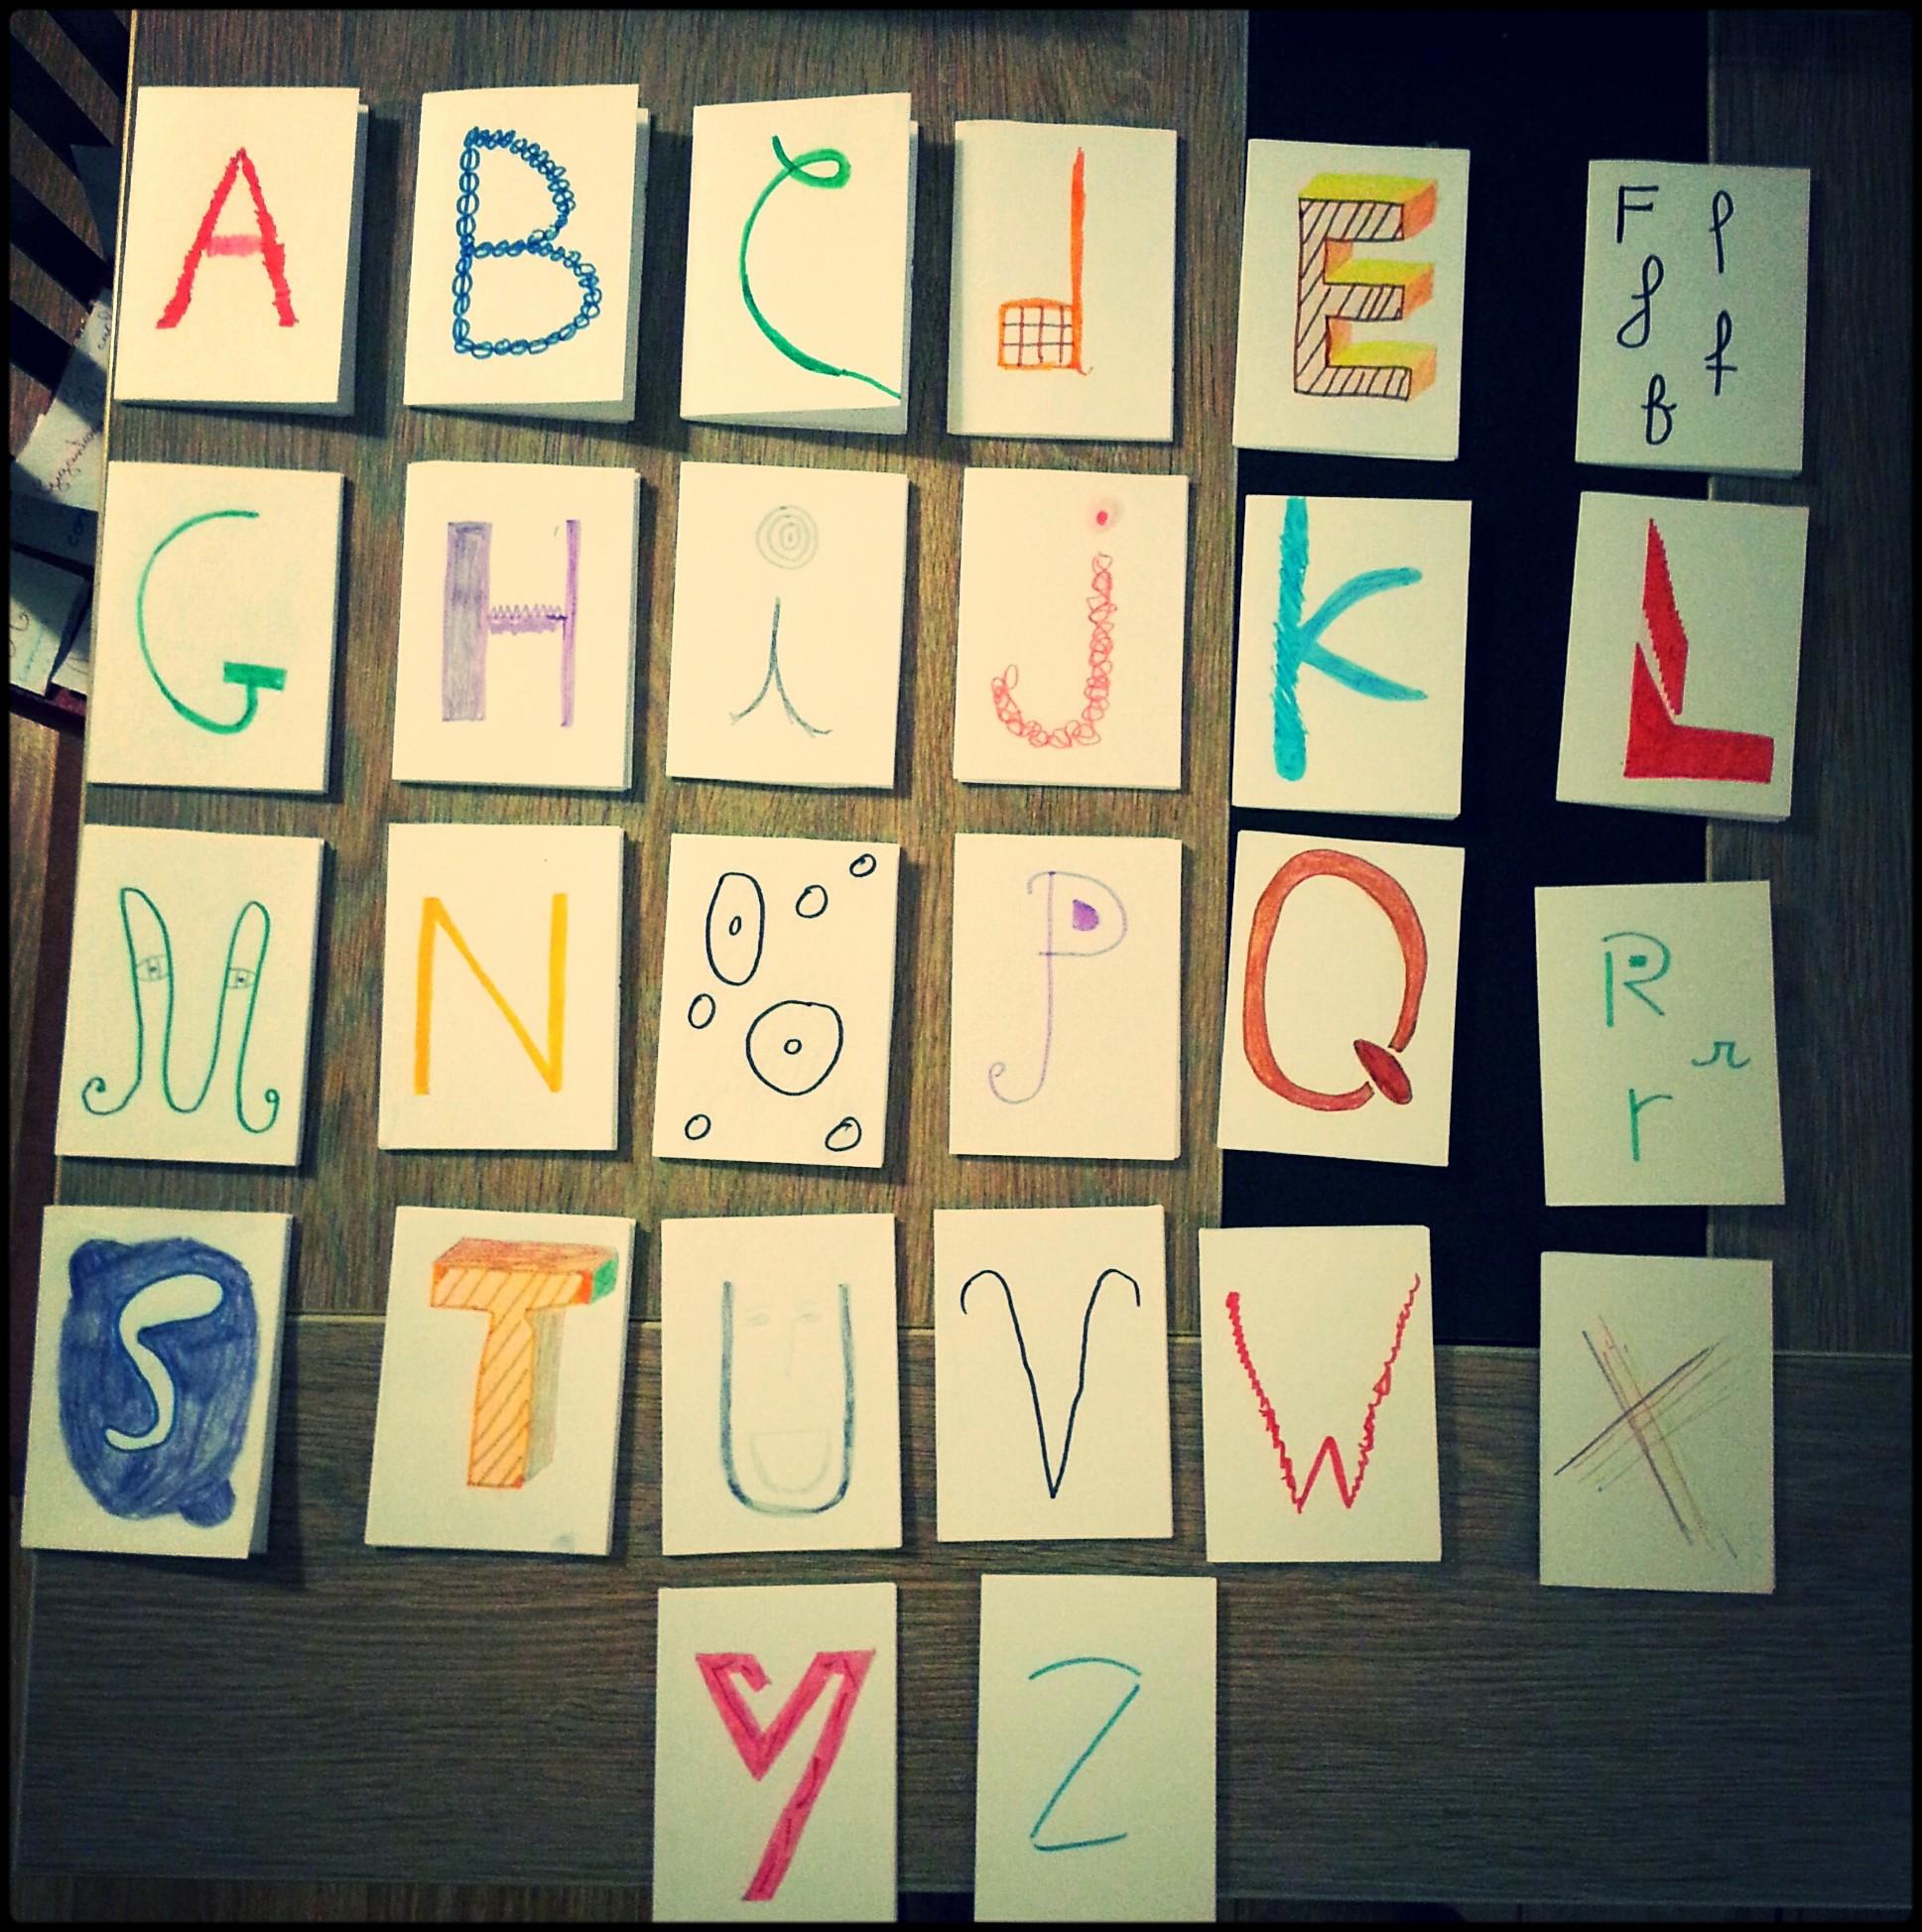 Chaque petit livret représente une lettre et contient l'explication.